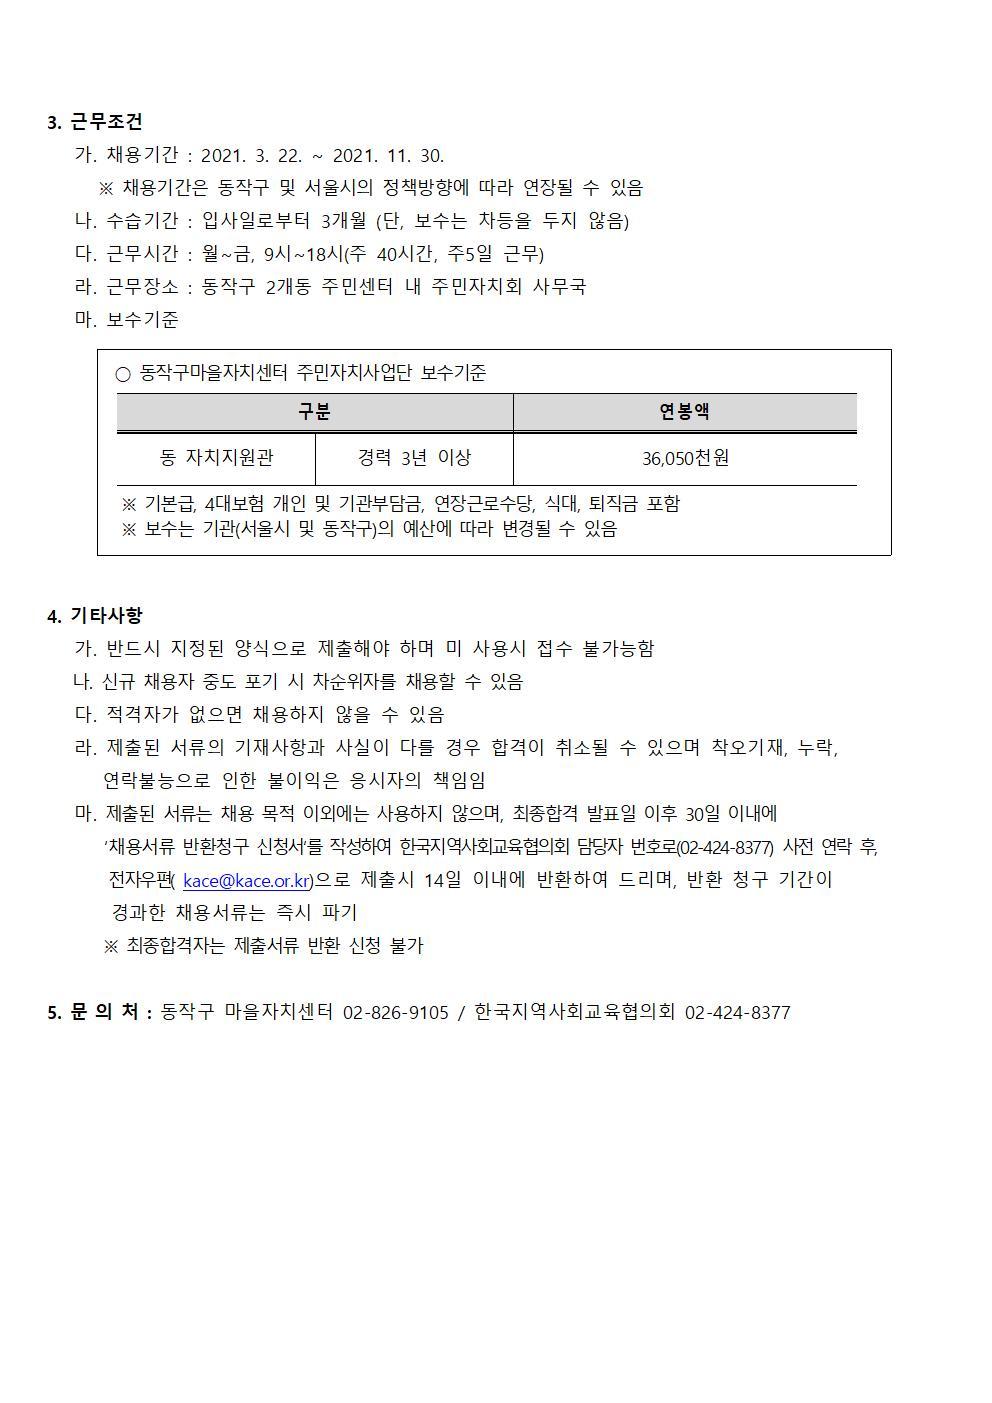 동작구사업단 인력모집  수정 공고문(21.3.10.)002.jpg